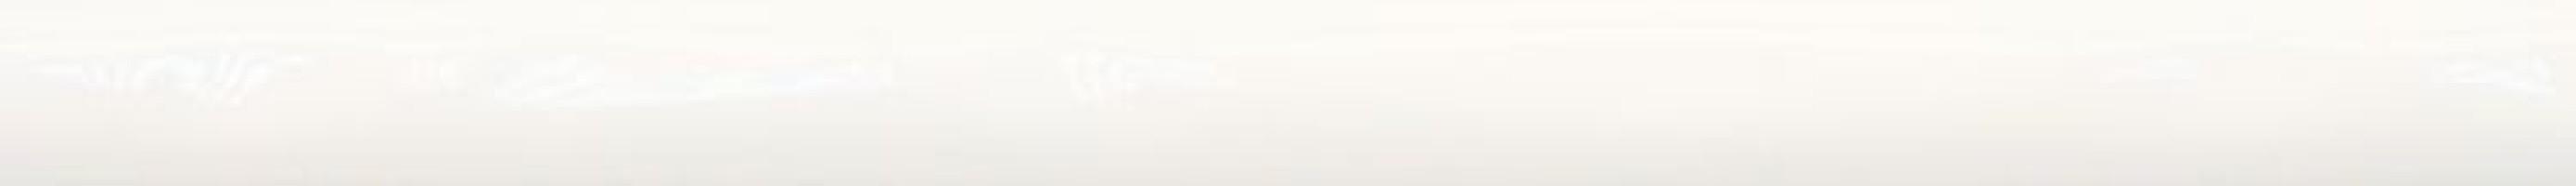 Бордюр Cifre Ceramica Alchimia 2 Opalo Snow Matita Torello 2x30